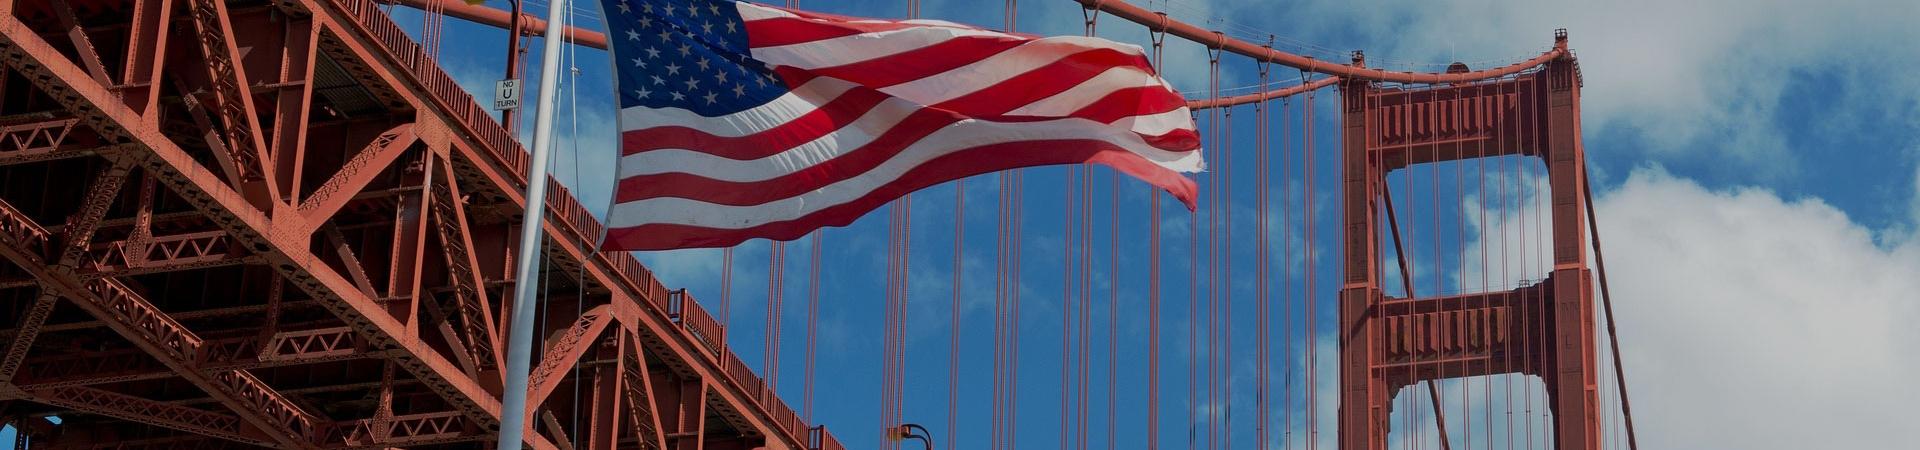 golden-gate-bridge-1654428_1920